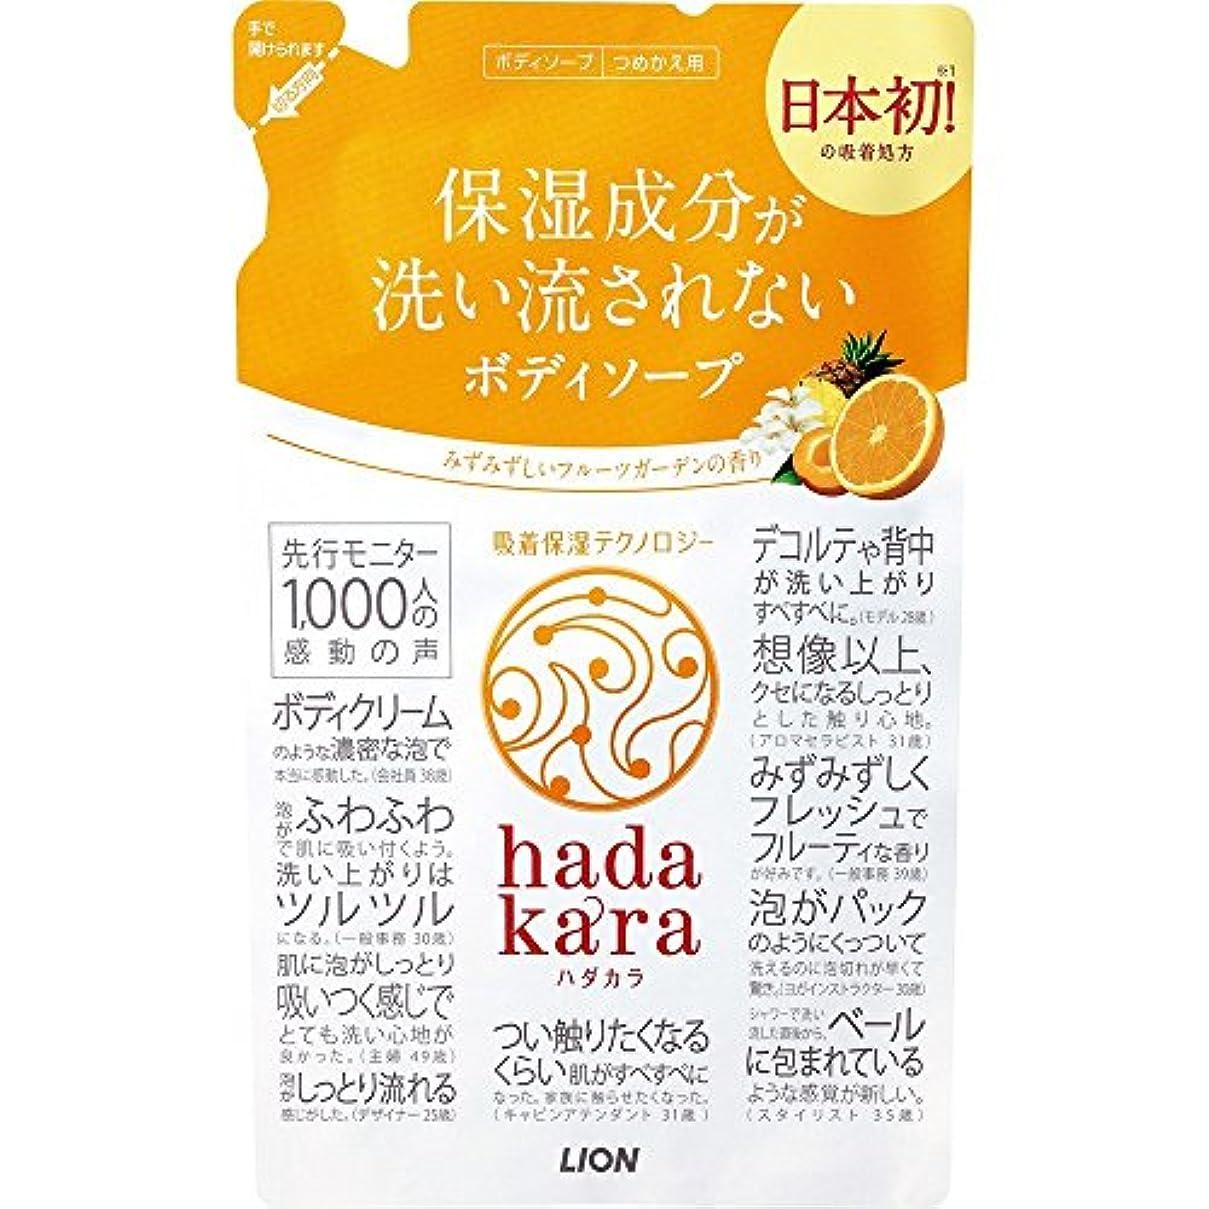 含む道路トランジスタhadakara(ハダカラ) ボディソープ フルーツガーデンの香り 詰め替え 360ml